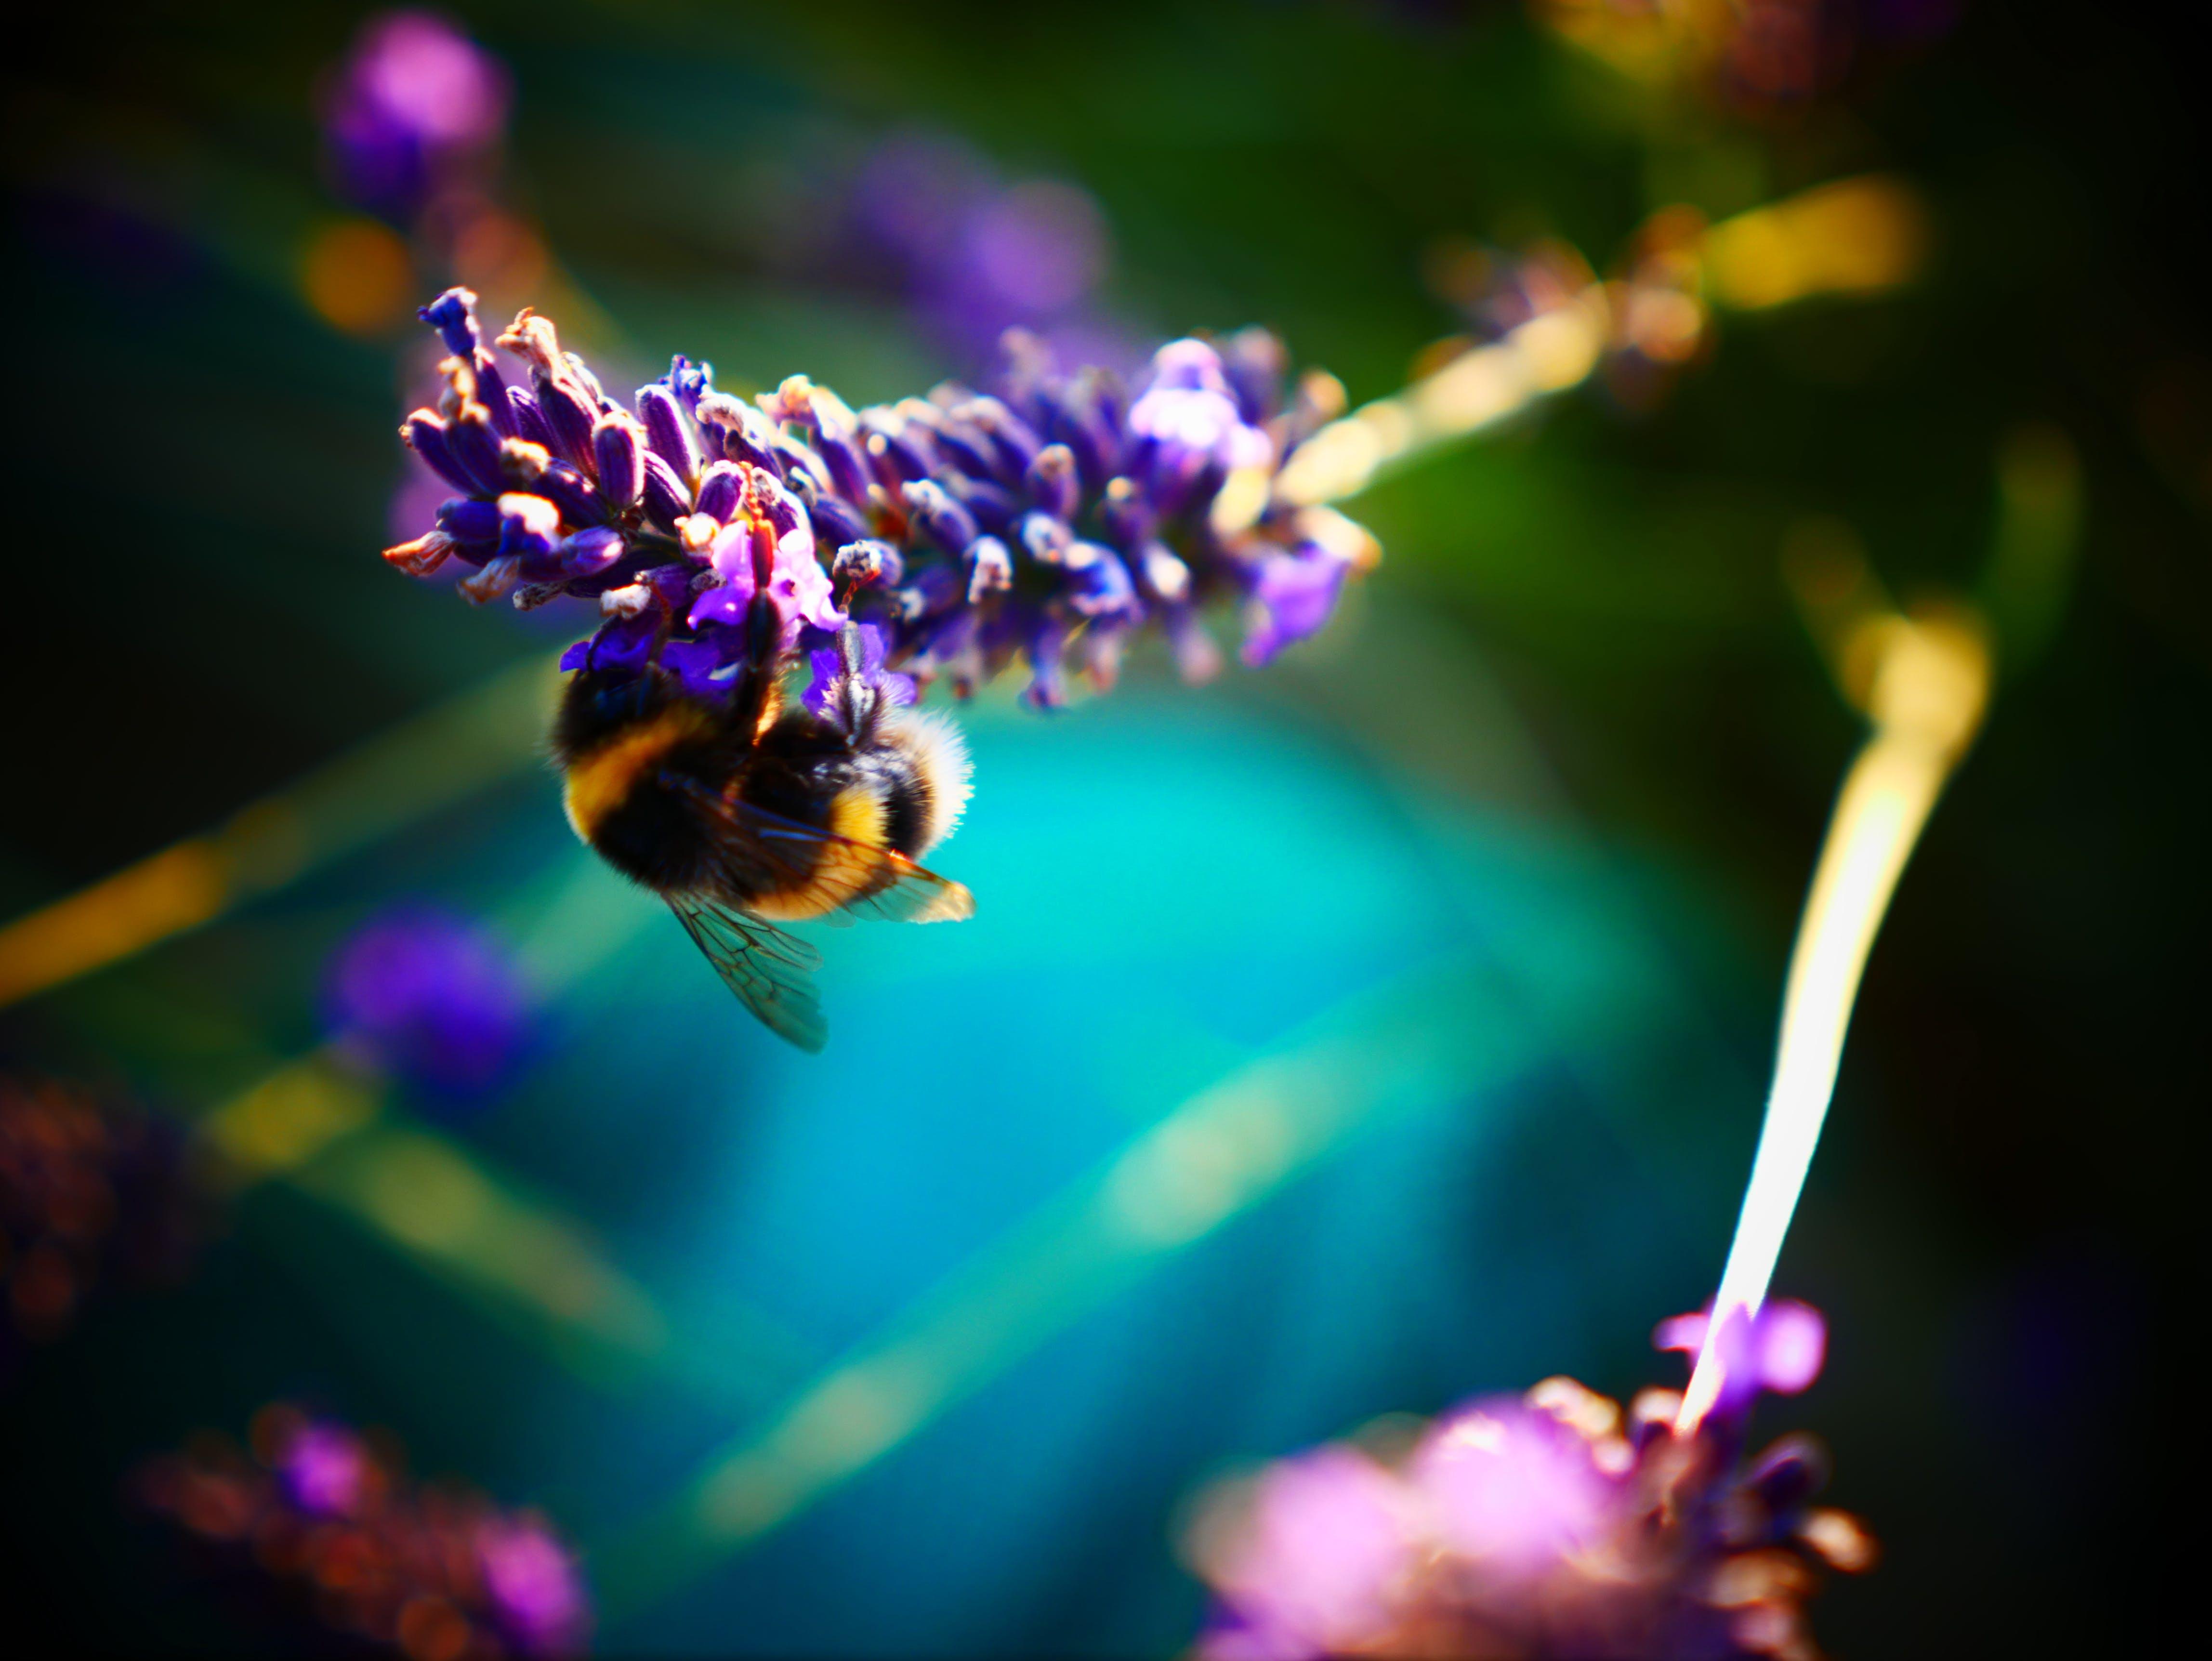 Gratis lagerfoto af bi, blomst, fokus, kanter